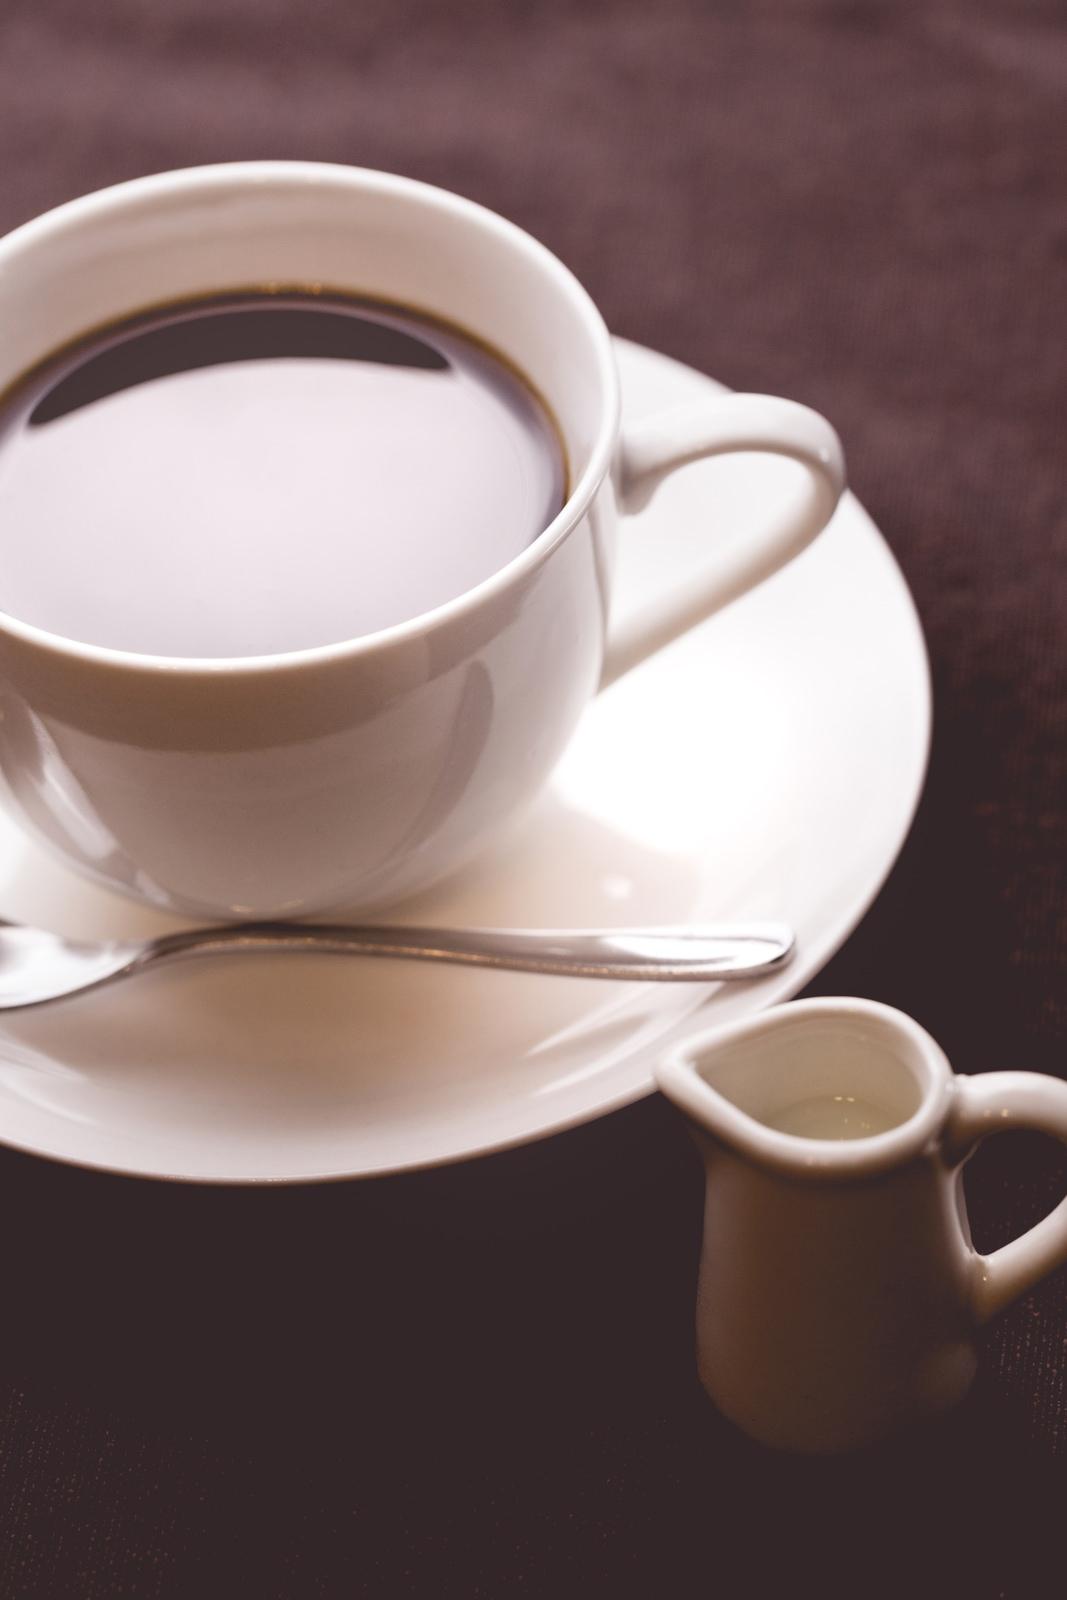 淹れたてコーヒーとミルク淹れたてコーヒーとミルク